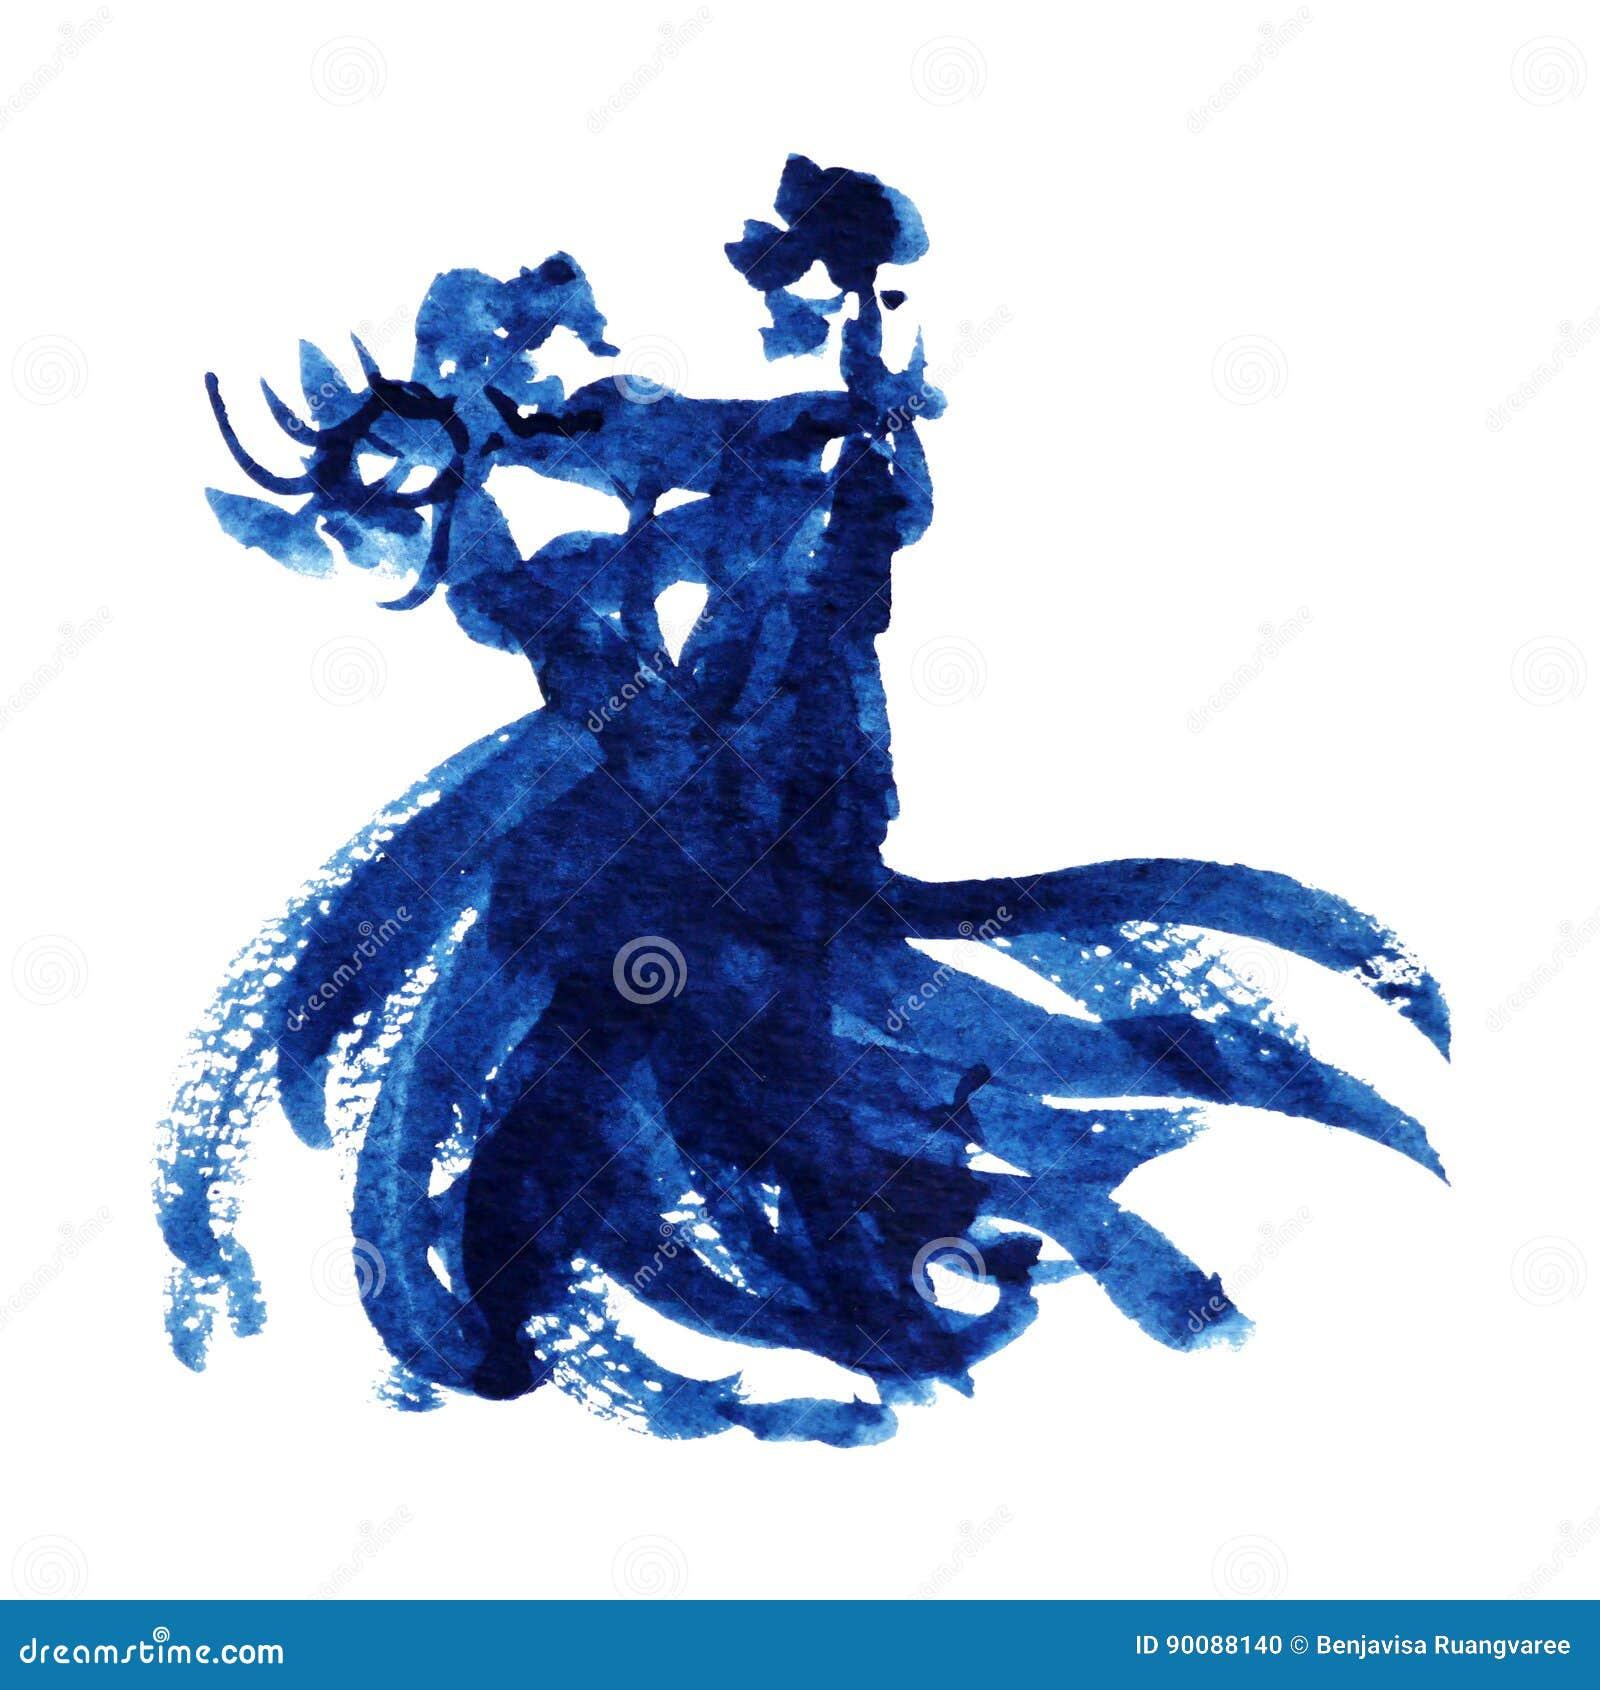 Mano azul del diseño del ejemplo de la pintura de la acuarela del amante del baile de los pares dibujada